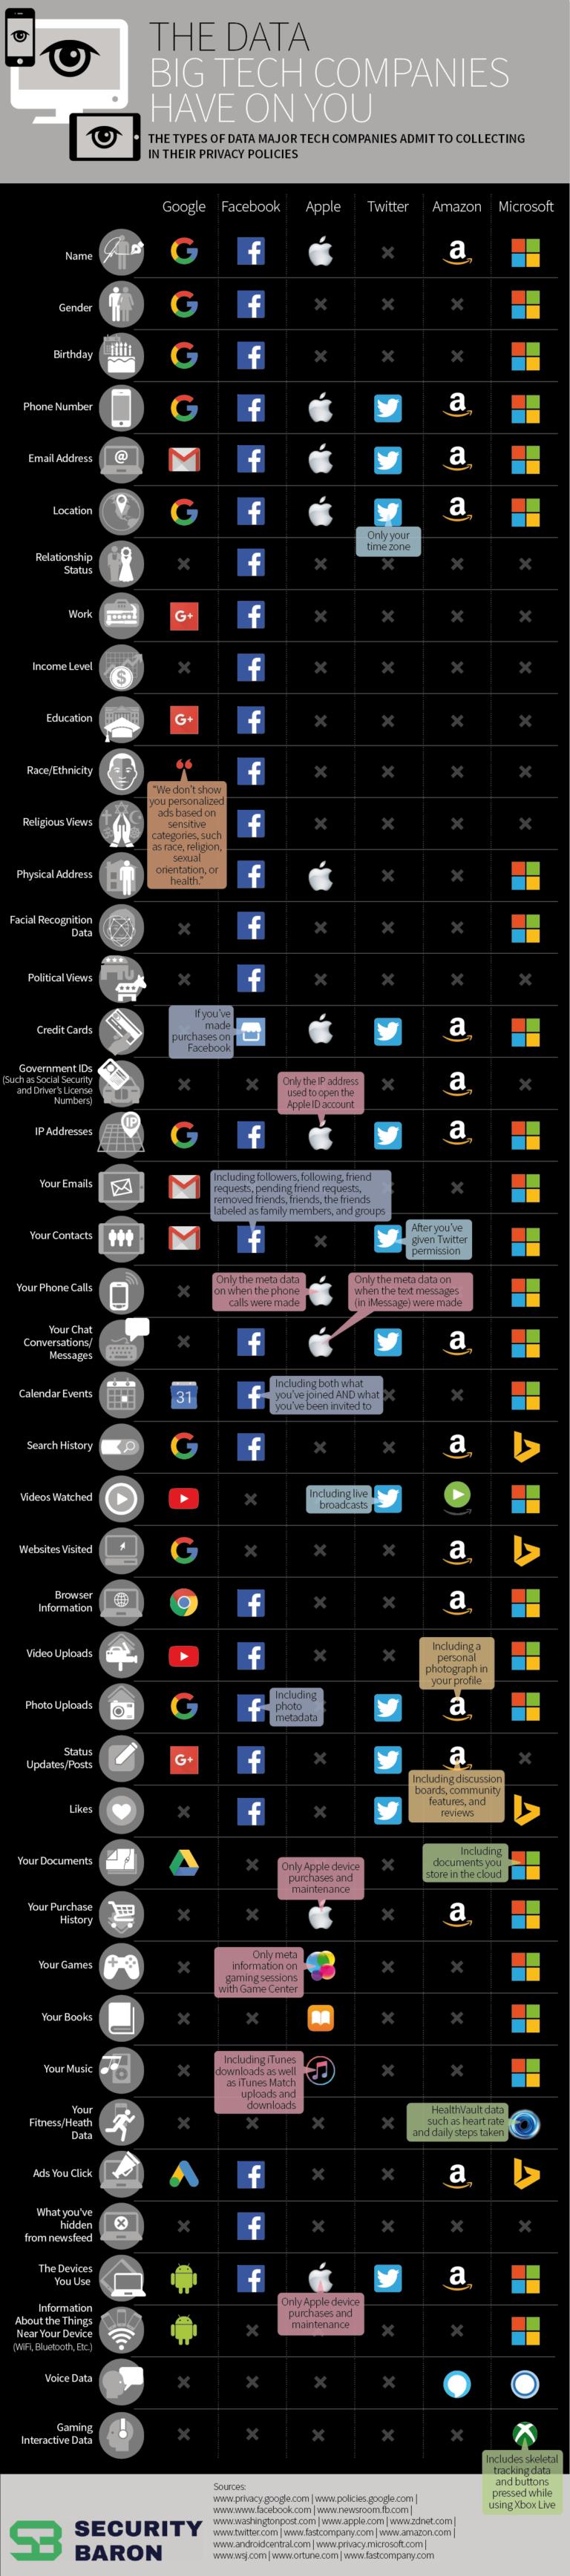 Quelles données personnelles les géants de la tech détiennent sur vous ?